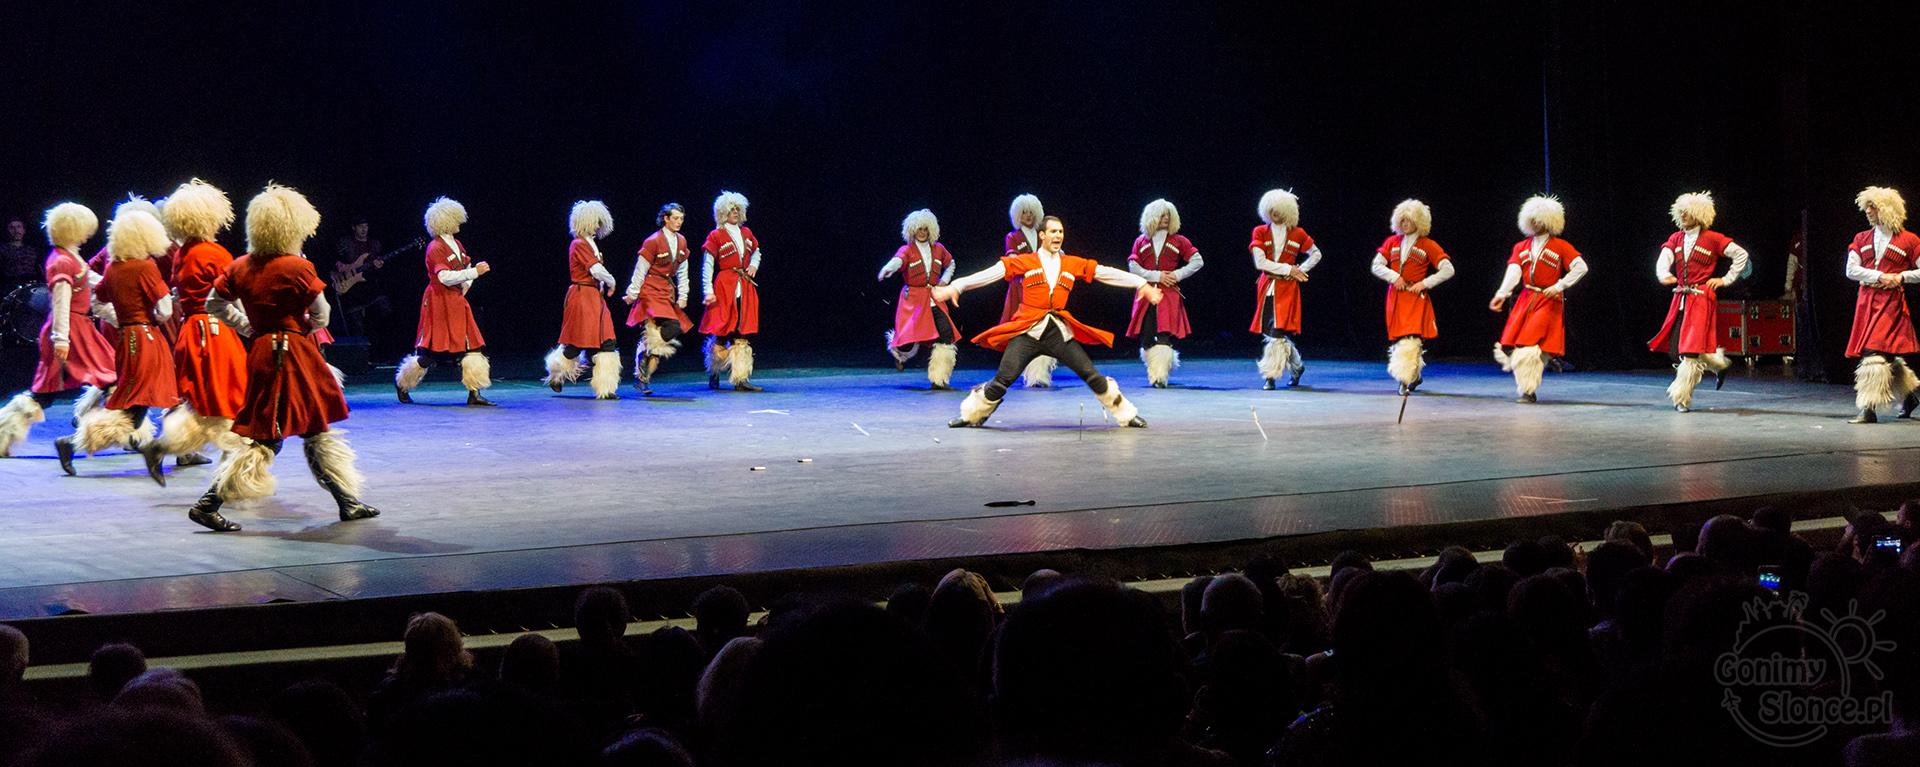 Narodowy Balet Gruzji Sukhishvili 12 blog kulturalny